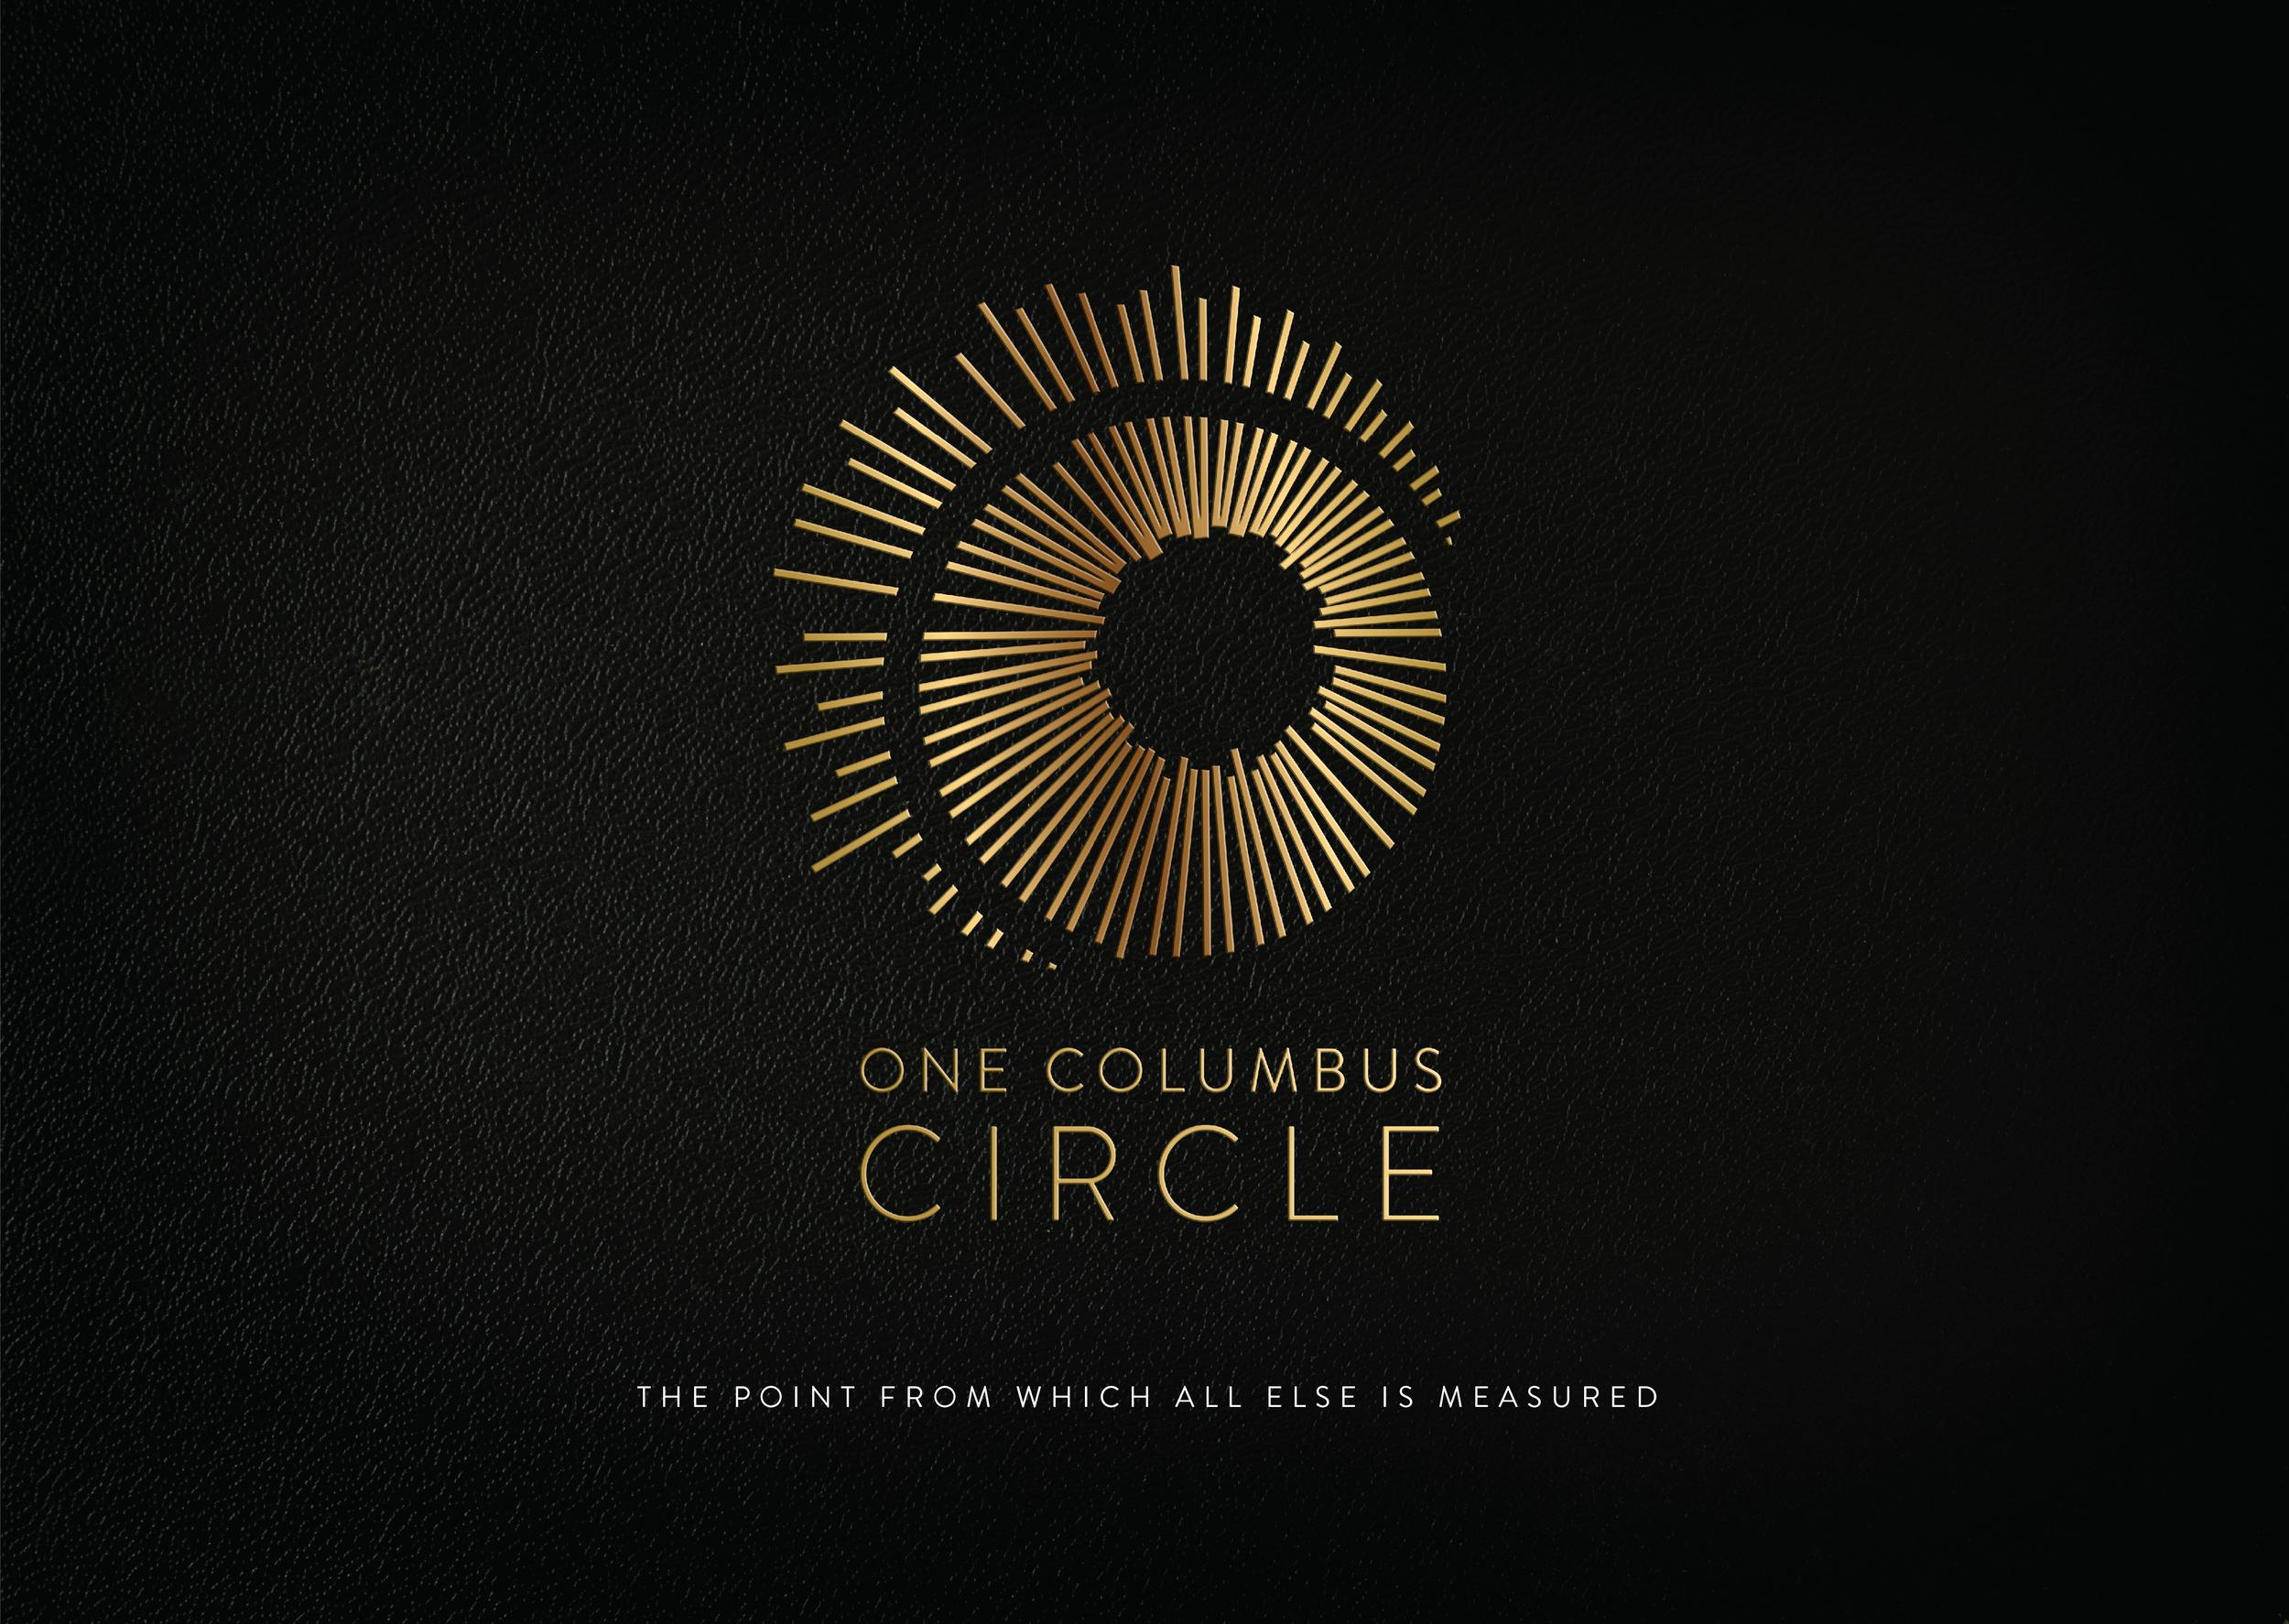 One Columbus Circle Case-03.jpg